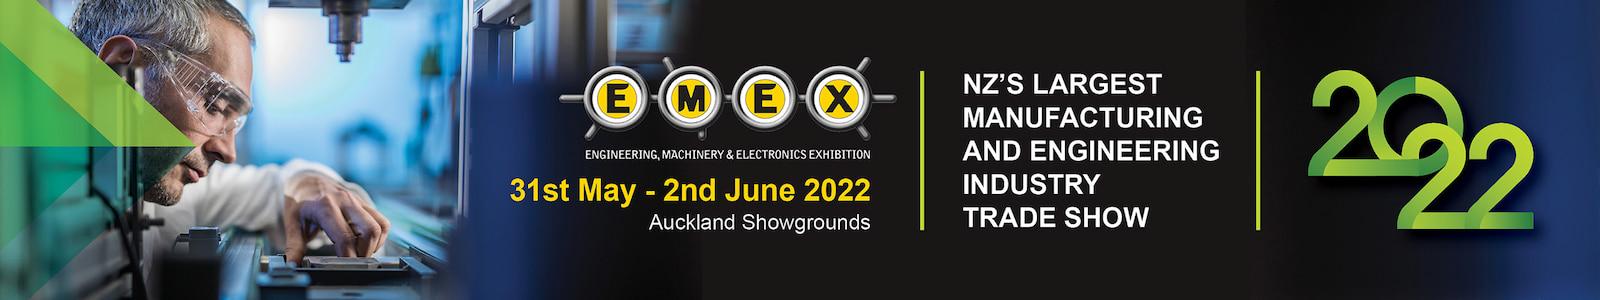 EMEX 2022